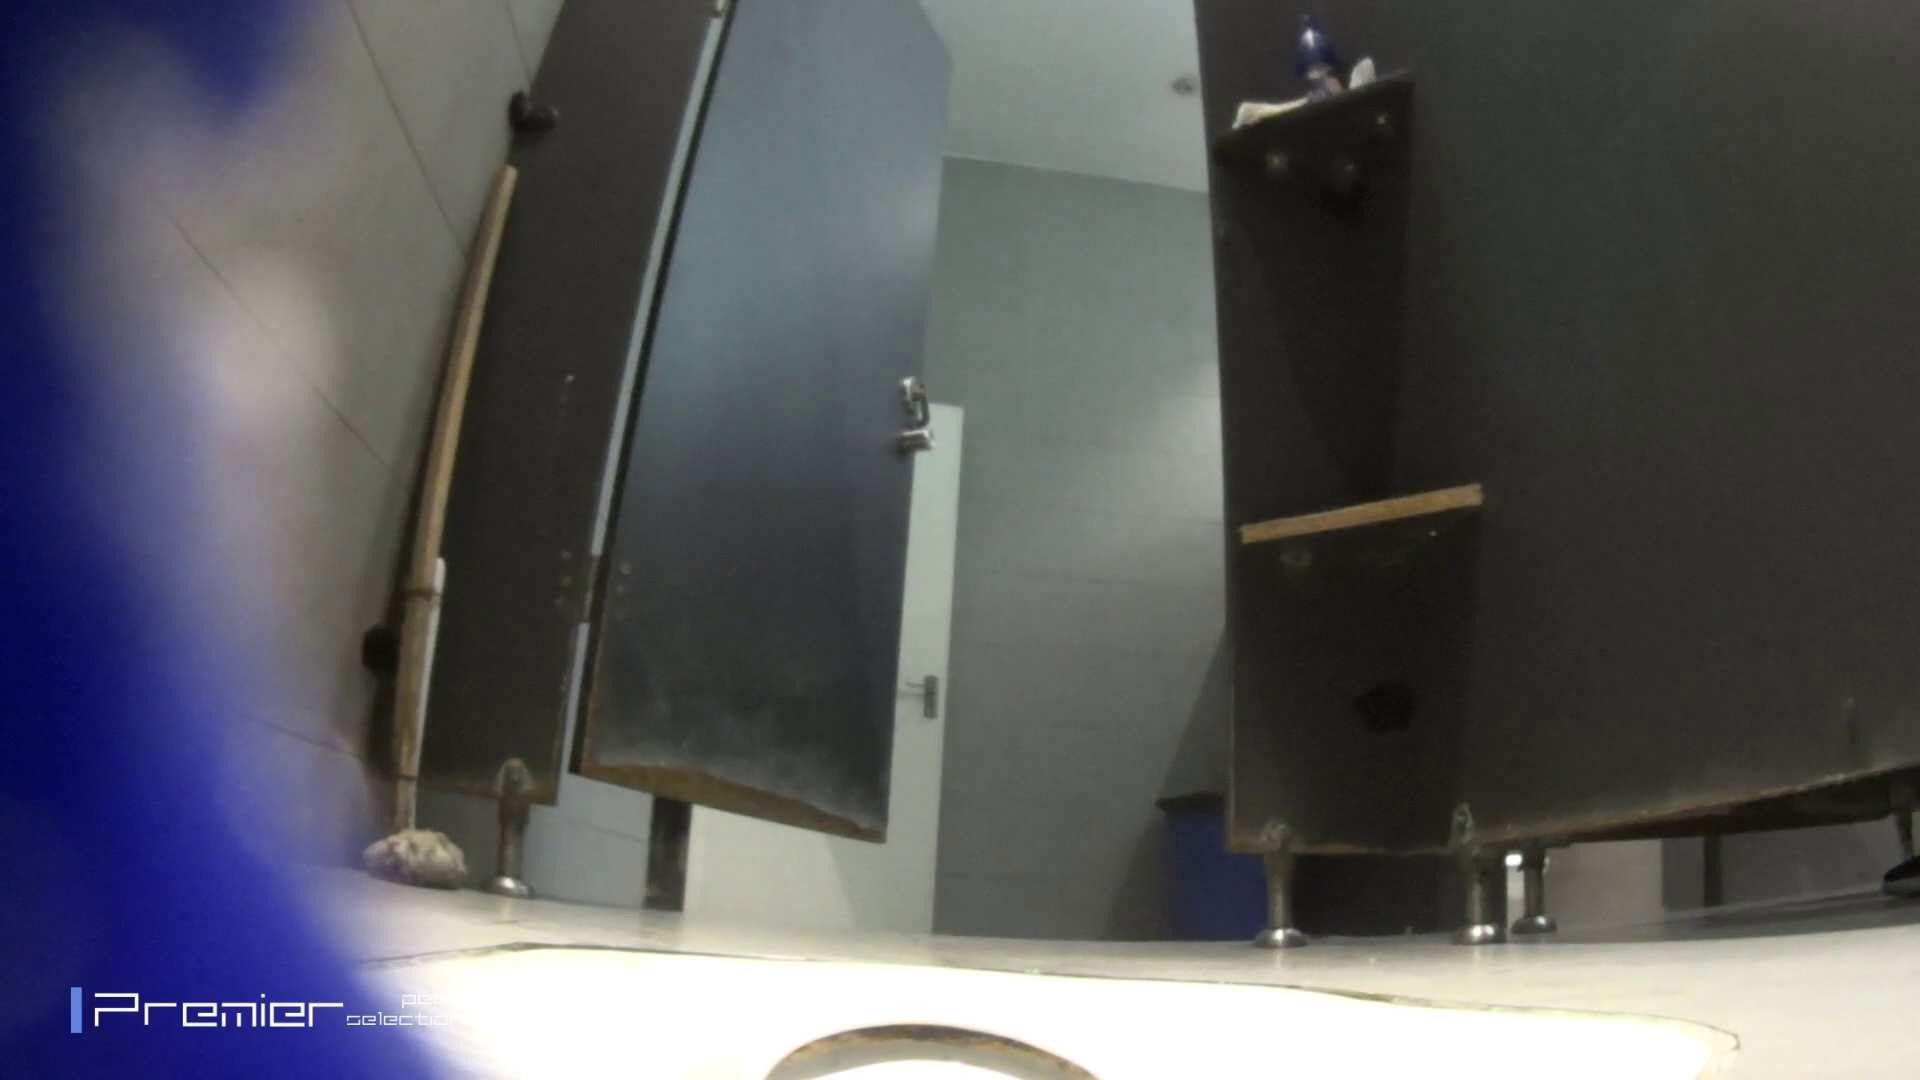 色白美女の洗面所 大学休憩時間の洗面所事情51 お姉さんハメ撮り  53Pix 1